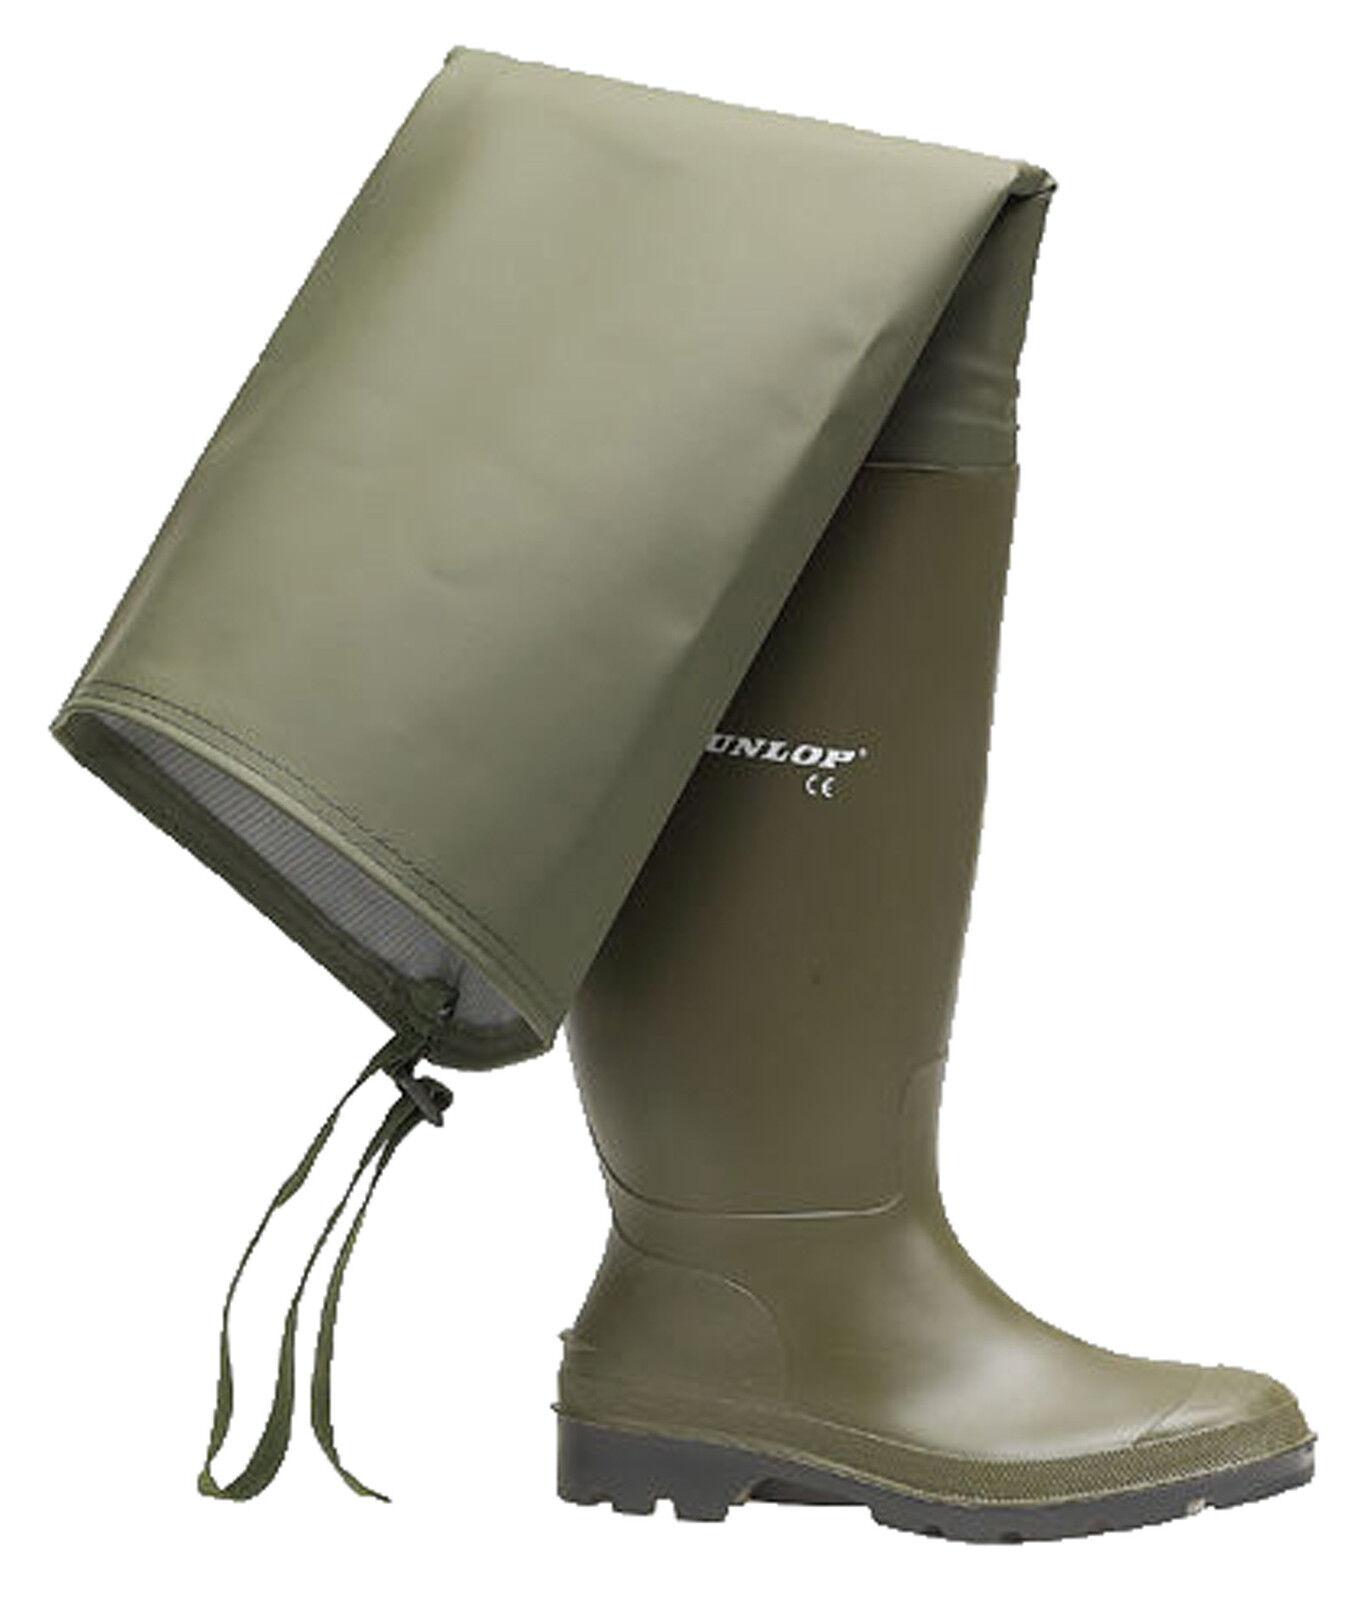 Dunlop Verde Pesca Coscia Waders Stivali di gomma uomo Stivali di gomma da uomo gomma misura 6-12 b8365d